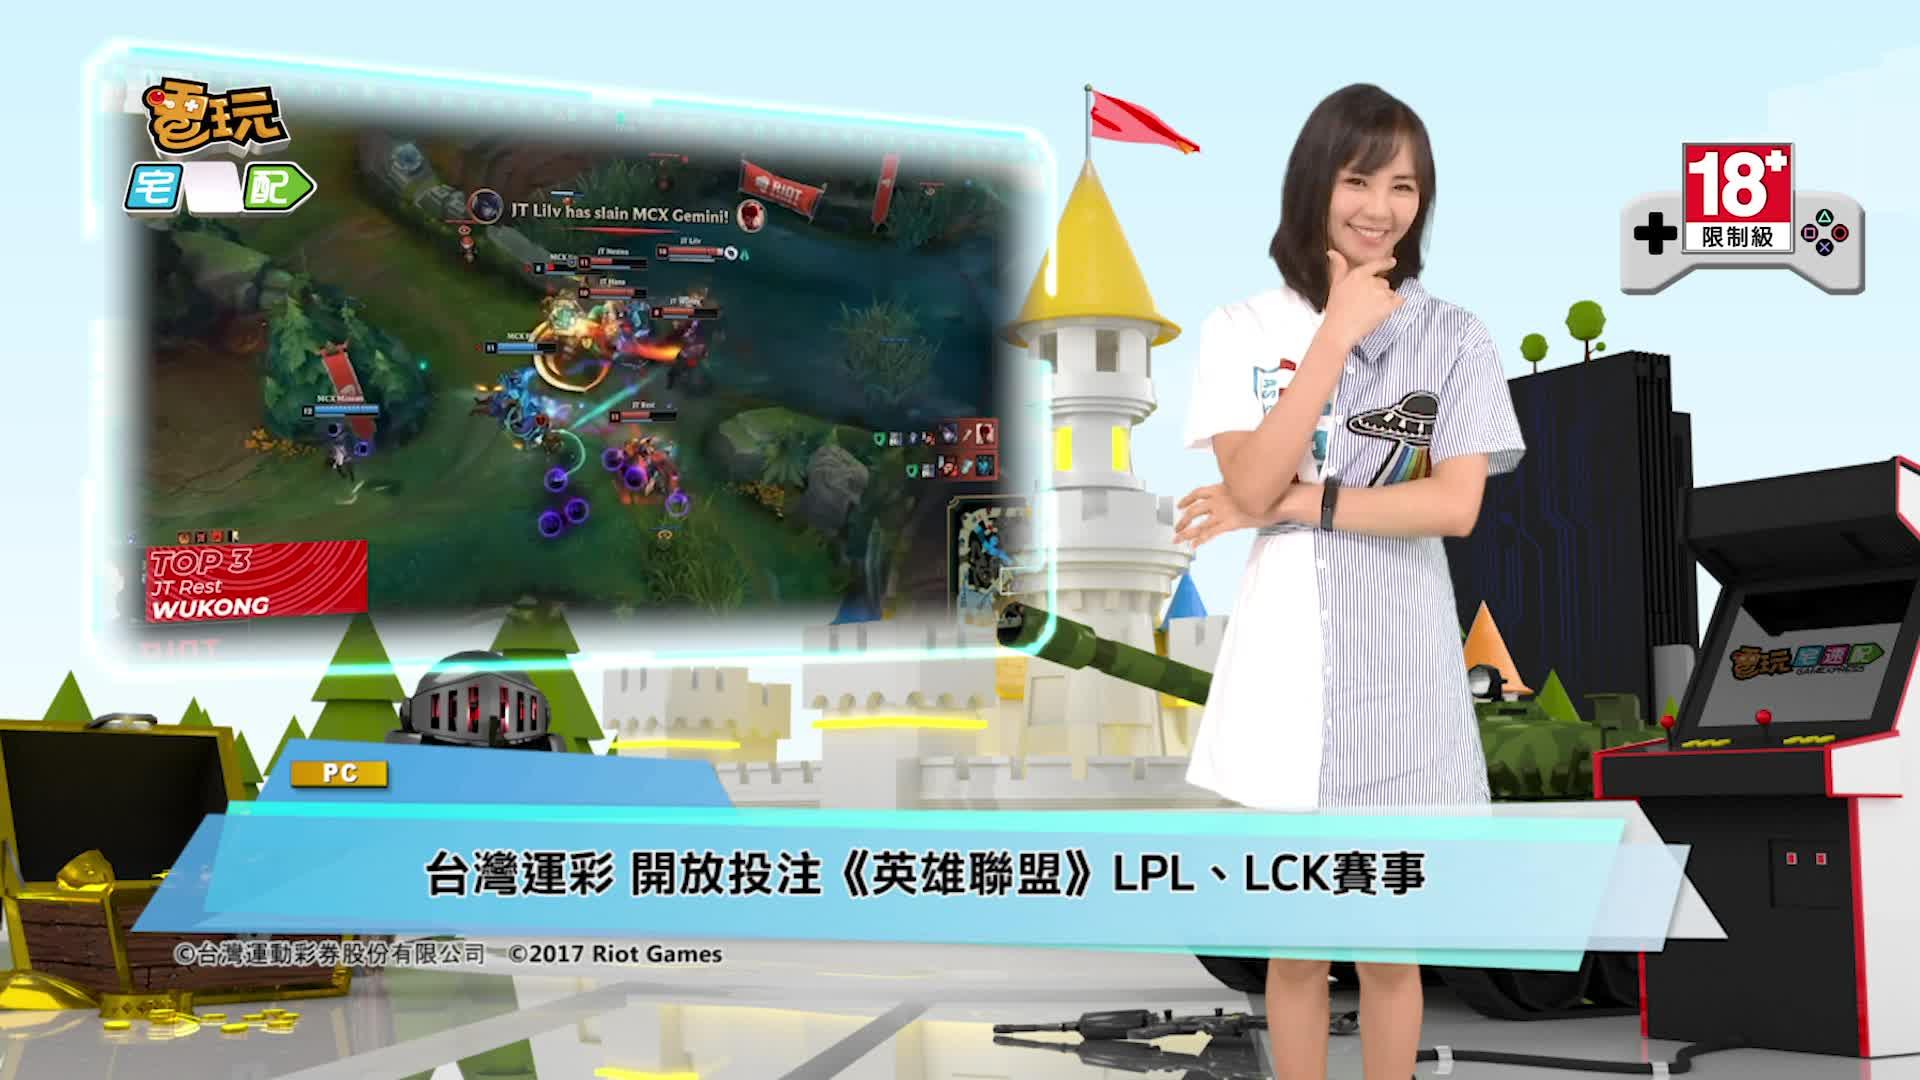 台灣運彩 開放投注《英雄聯盟》LPL、LCK賽事